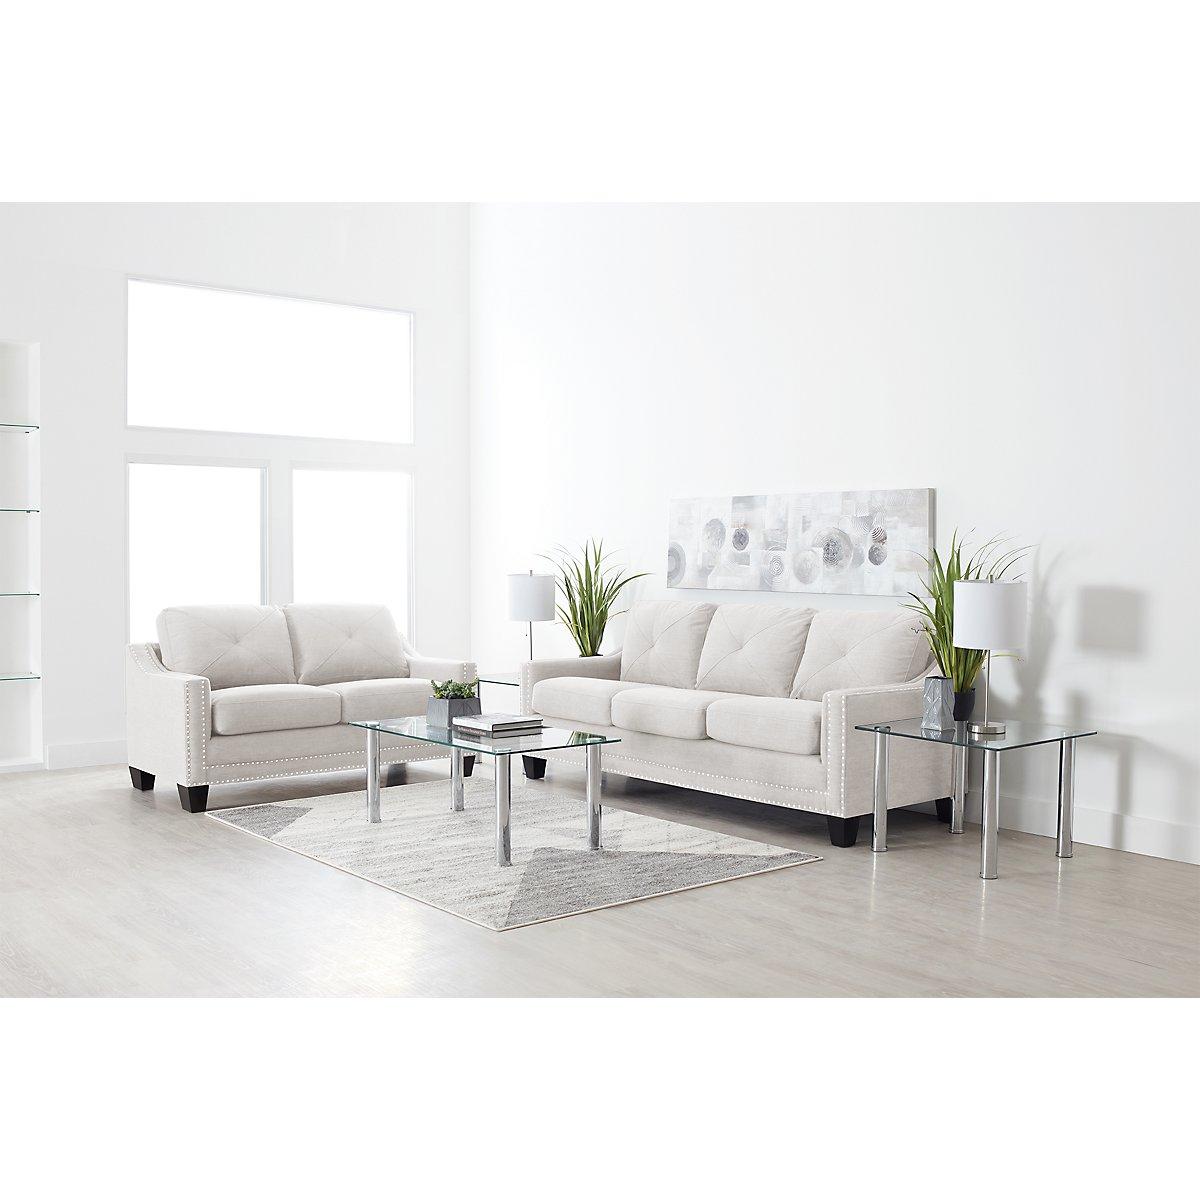 City Furniture Malone Beige Microfiber Sofa